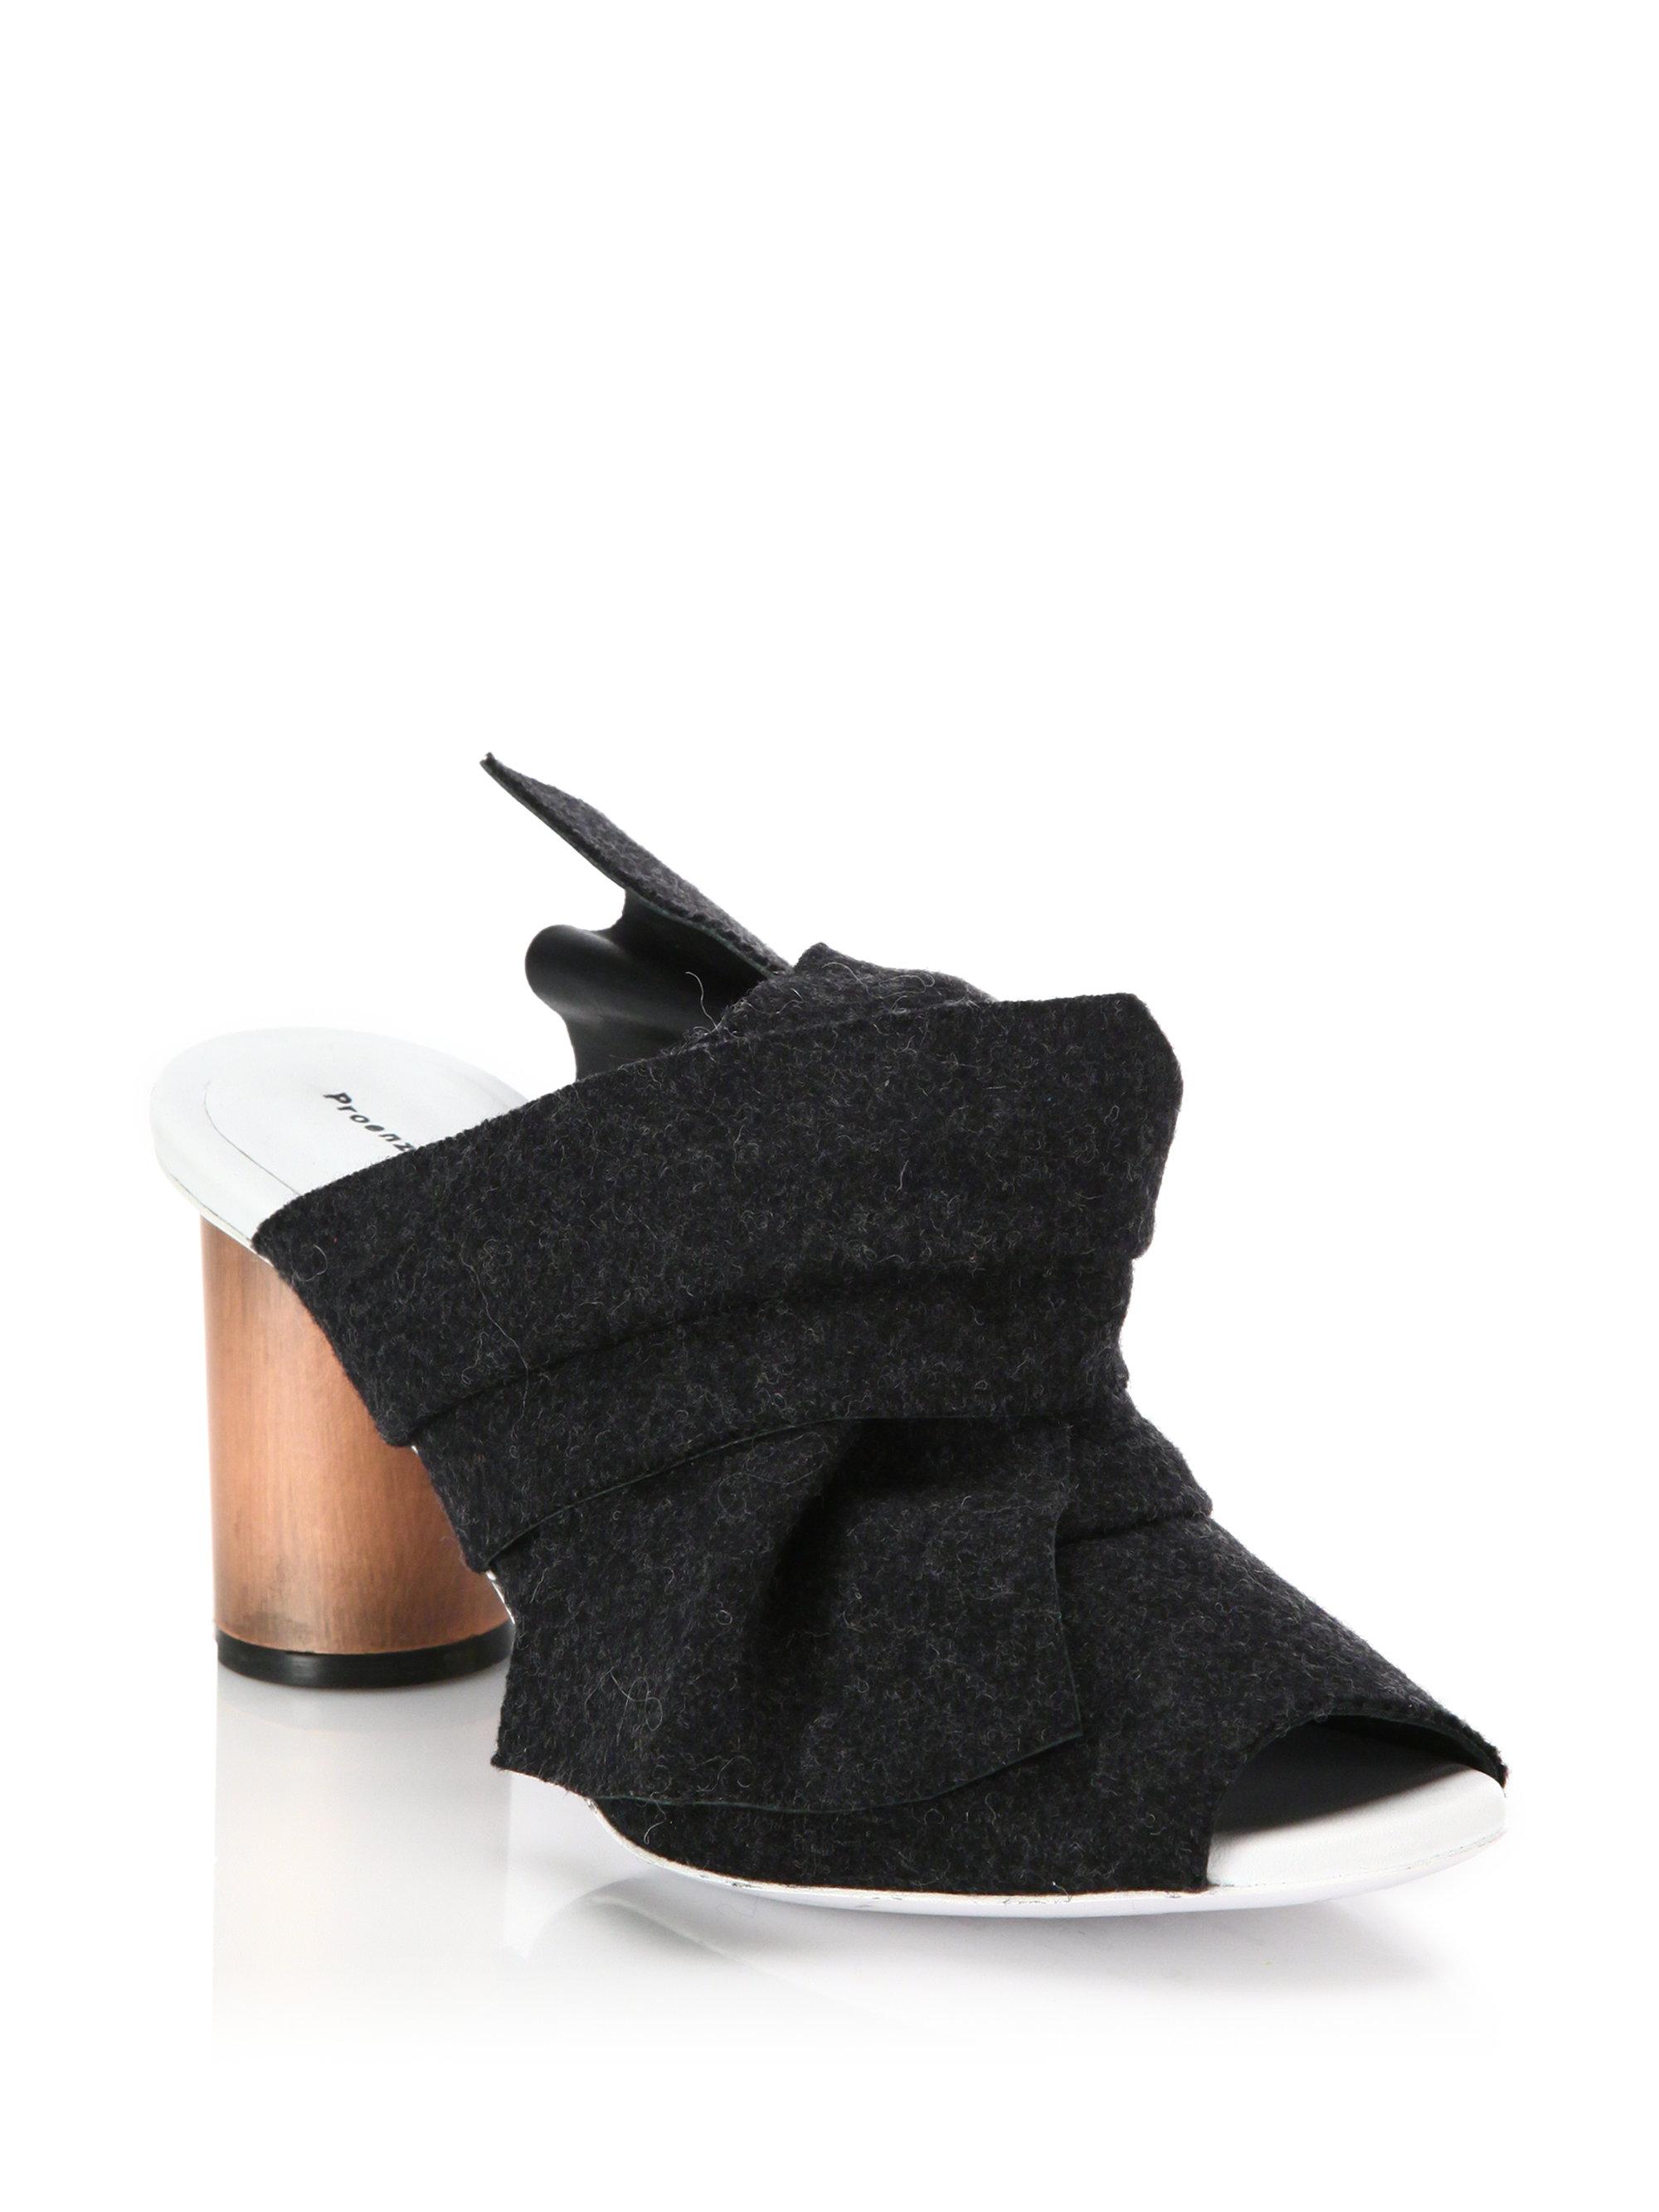 Chaussures - Mules Proenza Schouler Mq2gUAa1E